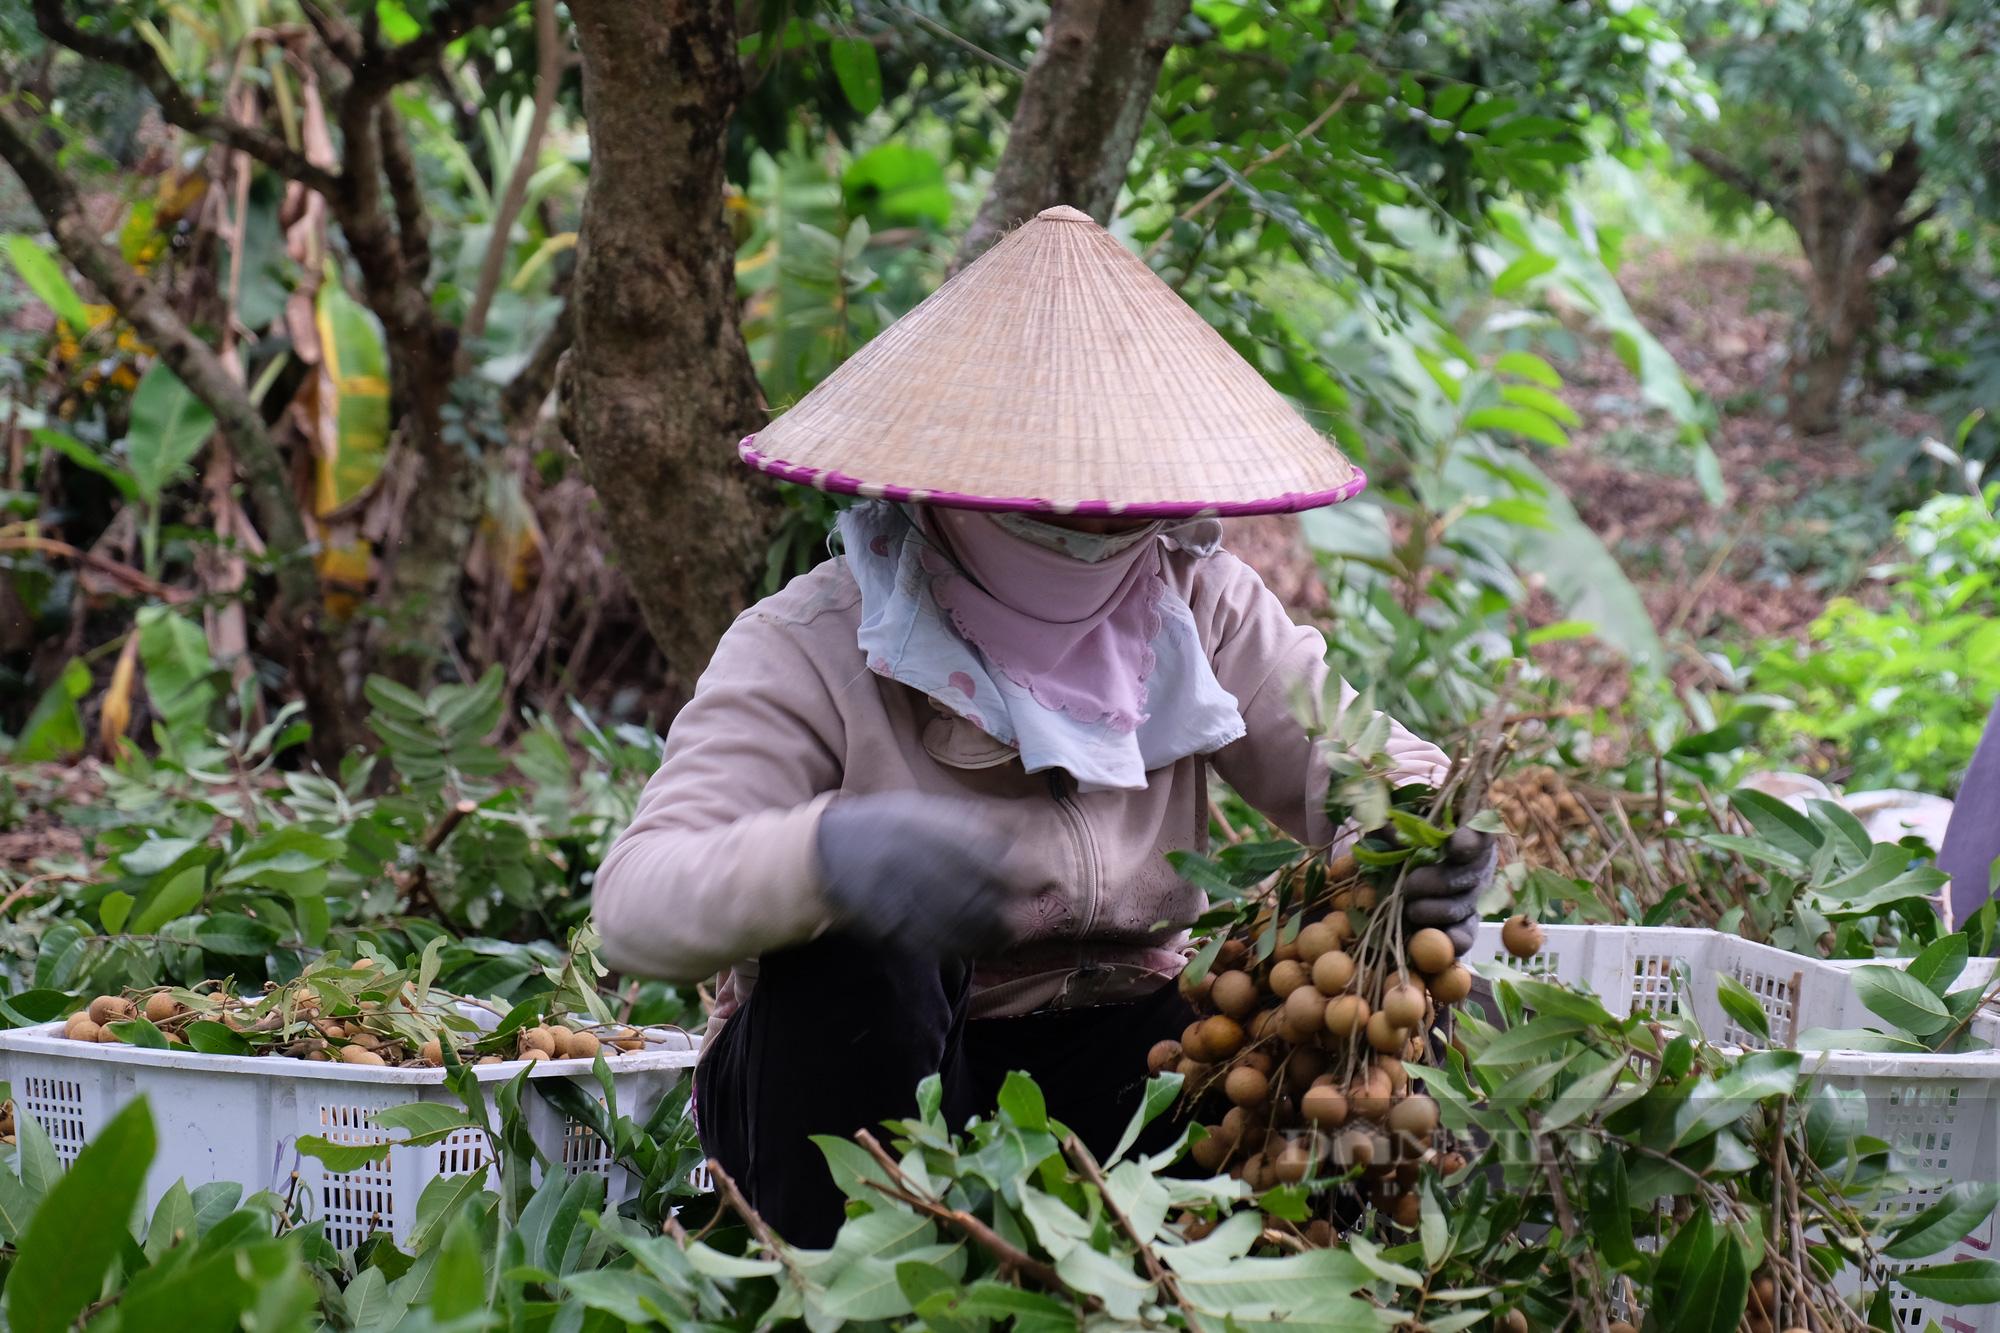 Bà Rịa – Vũng Tàu: Kêu gọi hỗ trợ tiêu thụ 1.390 tấn nhãn xuồng giúp bà con Xuyên Mộc - Ảnh 3.